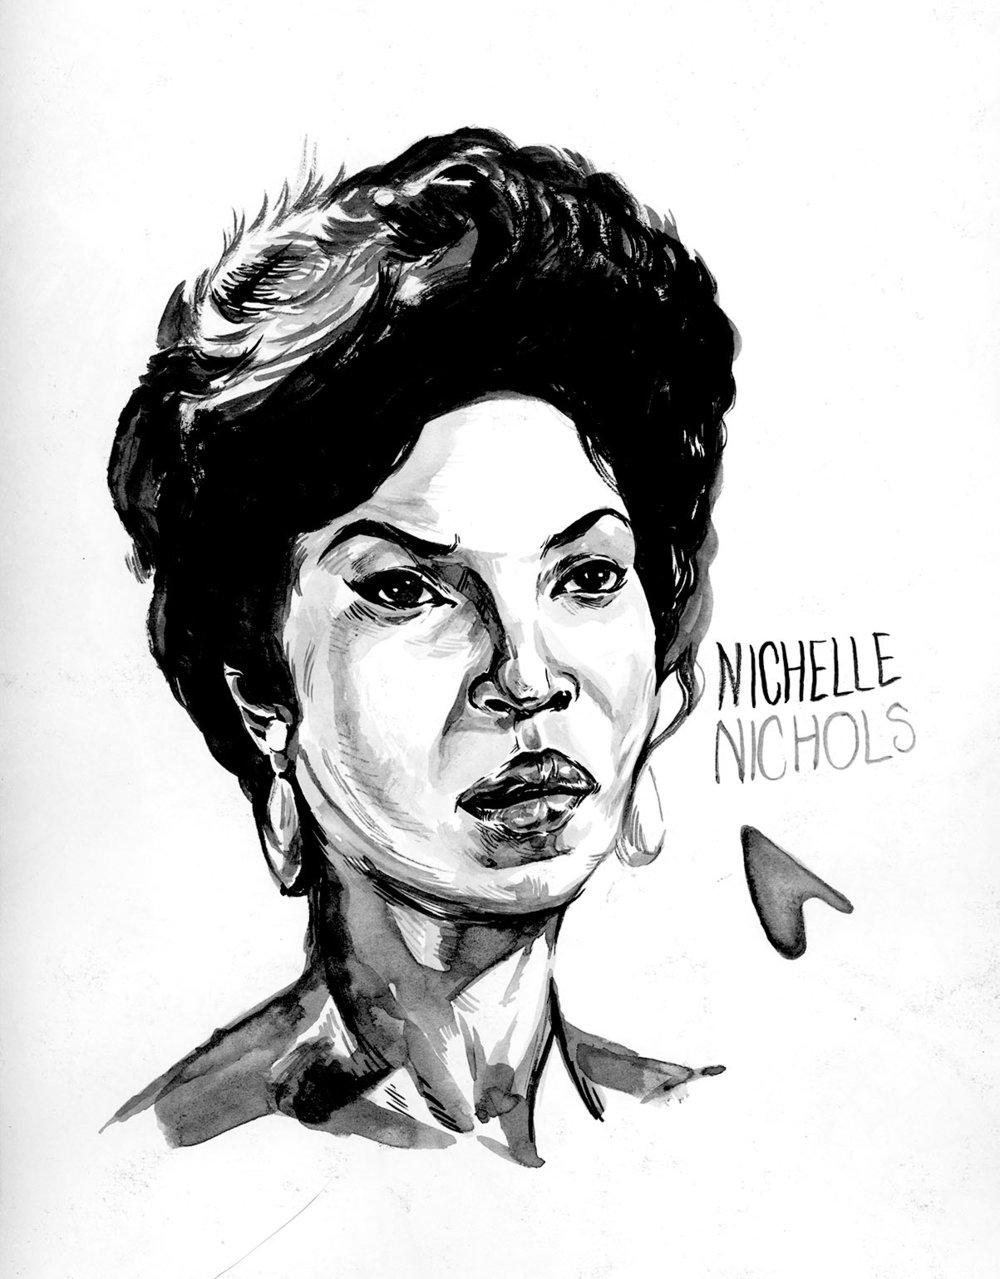 Nichelle_Nichols_sketch.jpg